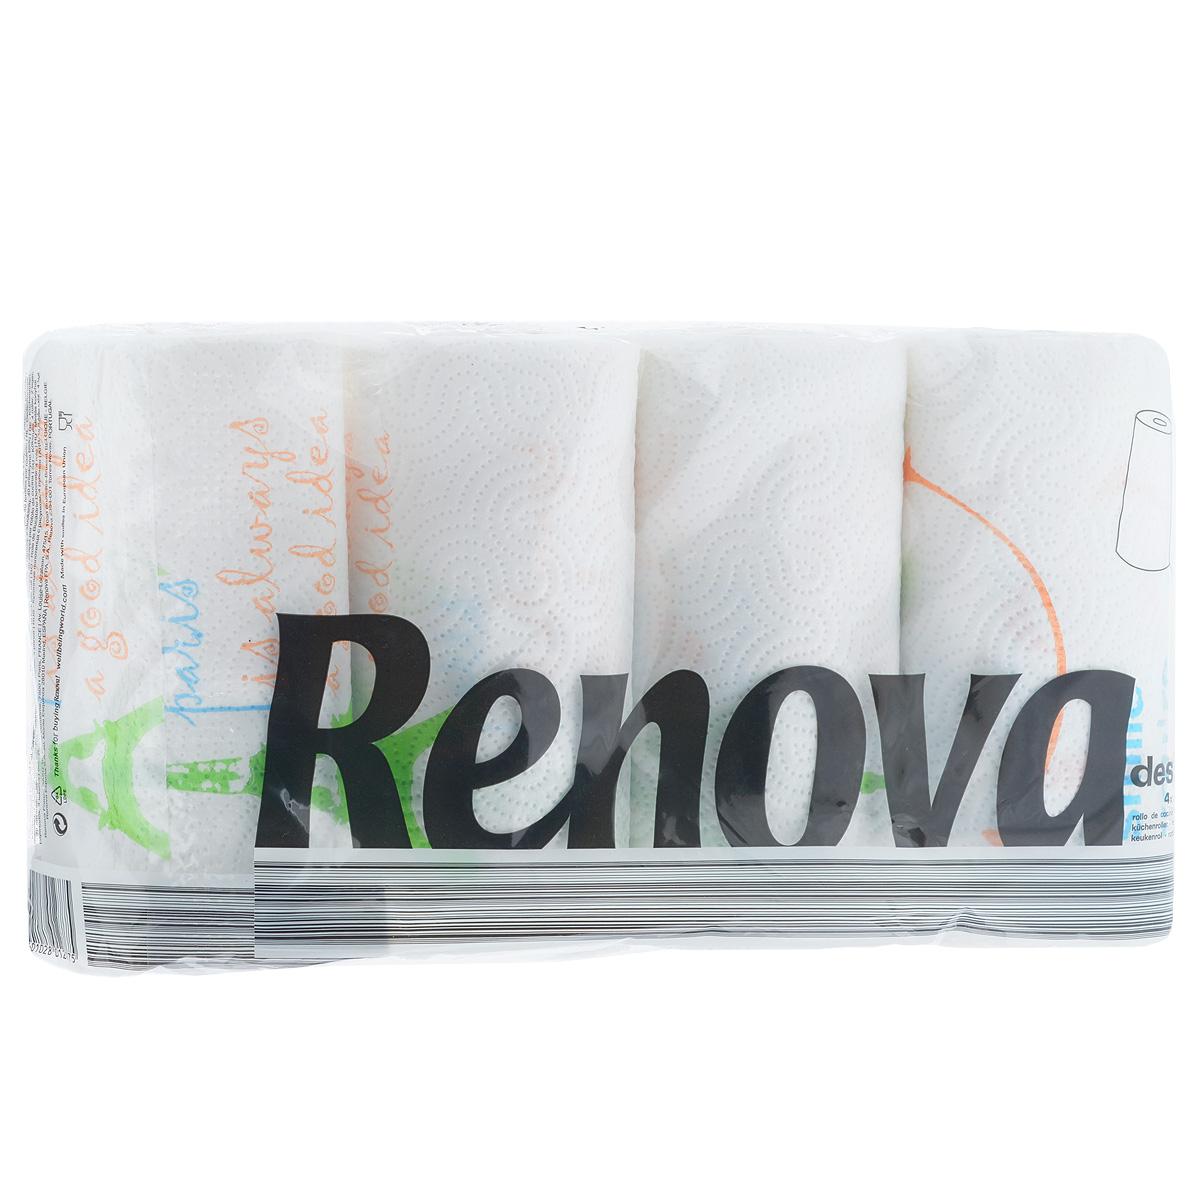 Полотенца бумажные Renova Design, двухслойные, цвет: белый, 4 рулона36294Полотенца Renova Design оригинального оформления, выполнены из 100% целлюлозы. Мягкие полотенца идеальны для ежедневного ухода, благодаря тому, что они хорошо удерживают влагу. Также полотенца Renova Design дополнят интерьер вашей кухни.Состав: 100% целлюлоза. Количество листов: 40 шт.Количество слоев: 2.Количество рулонов: 4 шт.Португальская компания Renova является ведущим разработчиком новейших технологий производства, нового стиля и направления на рынке гигиенической продукции. Современный дизайн и высочайшее качество, дерматологический контроль - это то, что выделяет компанию Renova среди других производителей бумажной санитарно-гигиенической продукции.